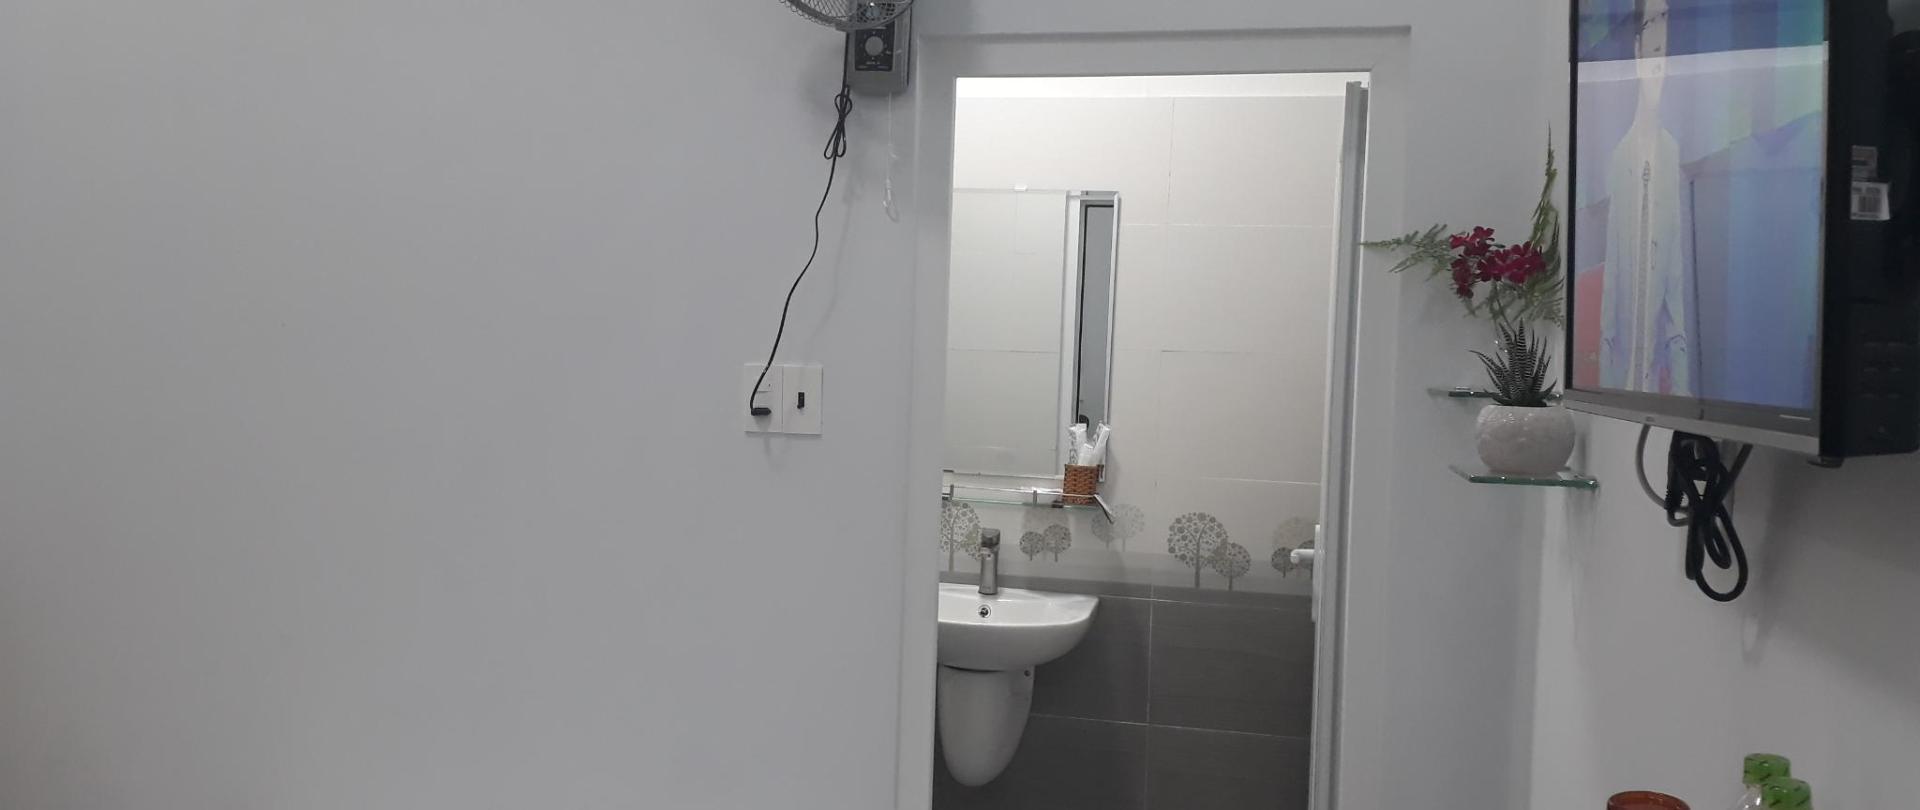 Phòng đơn 10.jpg